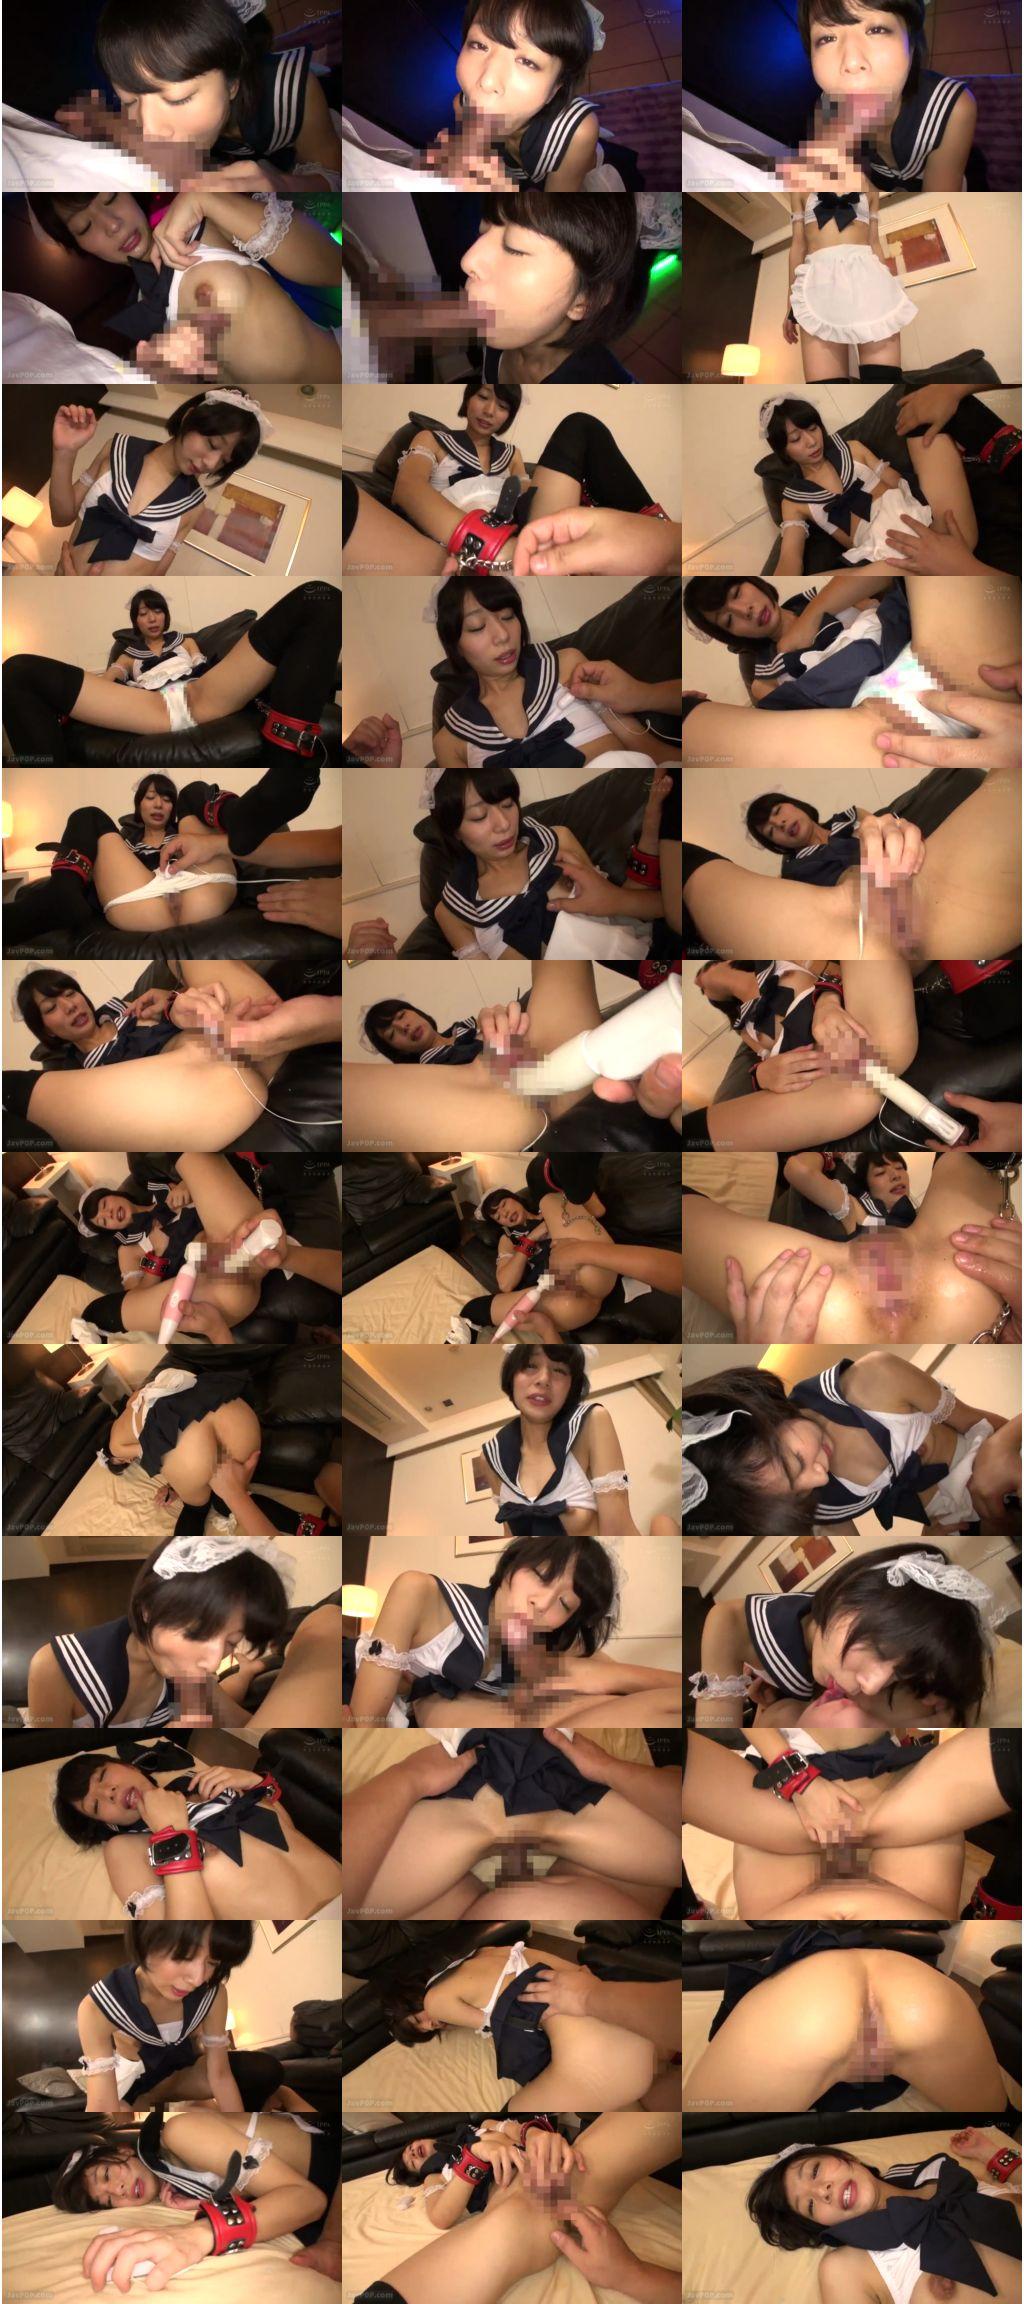 230orex 184 s - [230OREX-184] 風俗嬢・かな